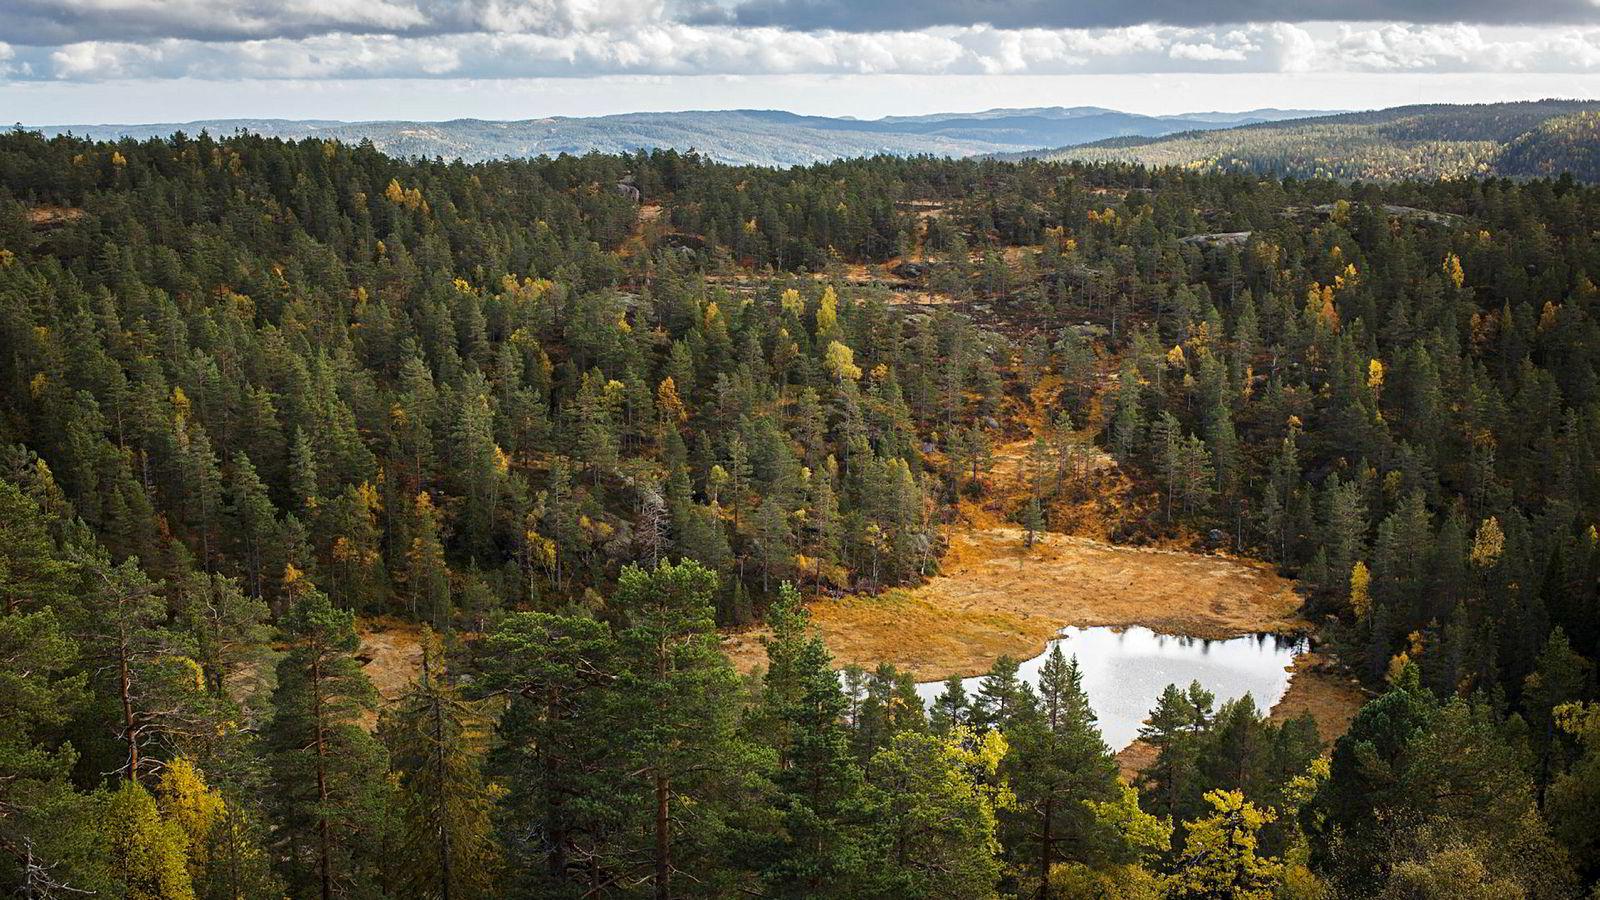 I skogområder der nedbrytningen går sakte, på grunn av sesongvariasjoner og et kaldt og tørt klima, slik som i Nord-Amerika, Nord-Europa og Russland, er det de såkalte ektomykorrhiza-soppene som dominerer.